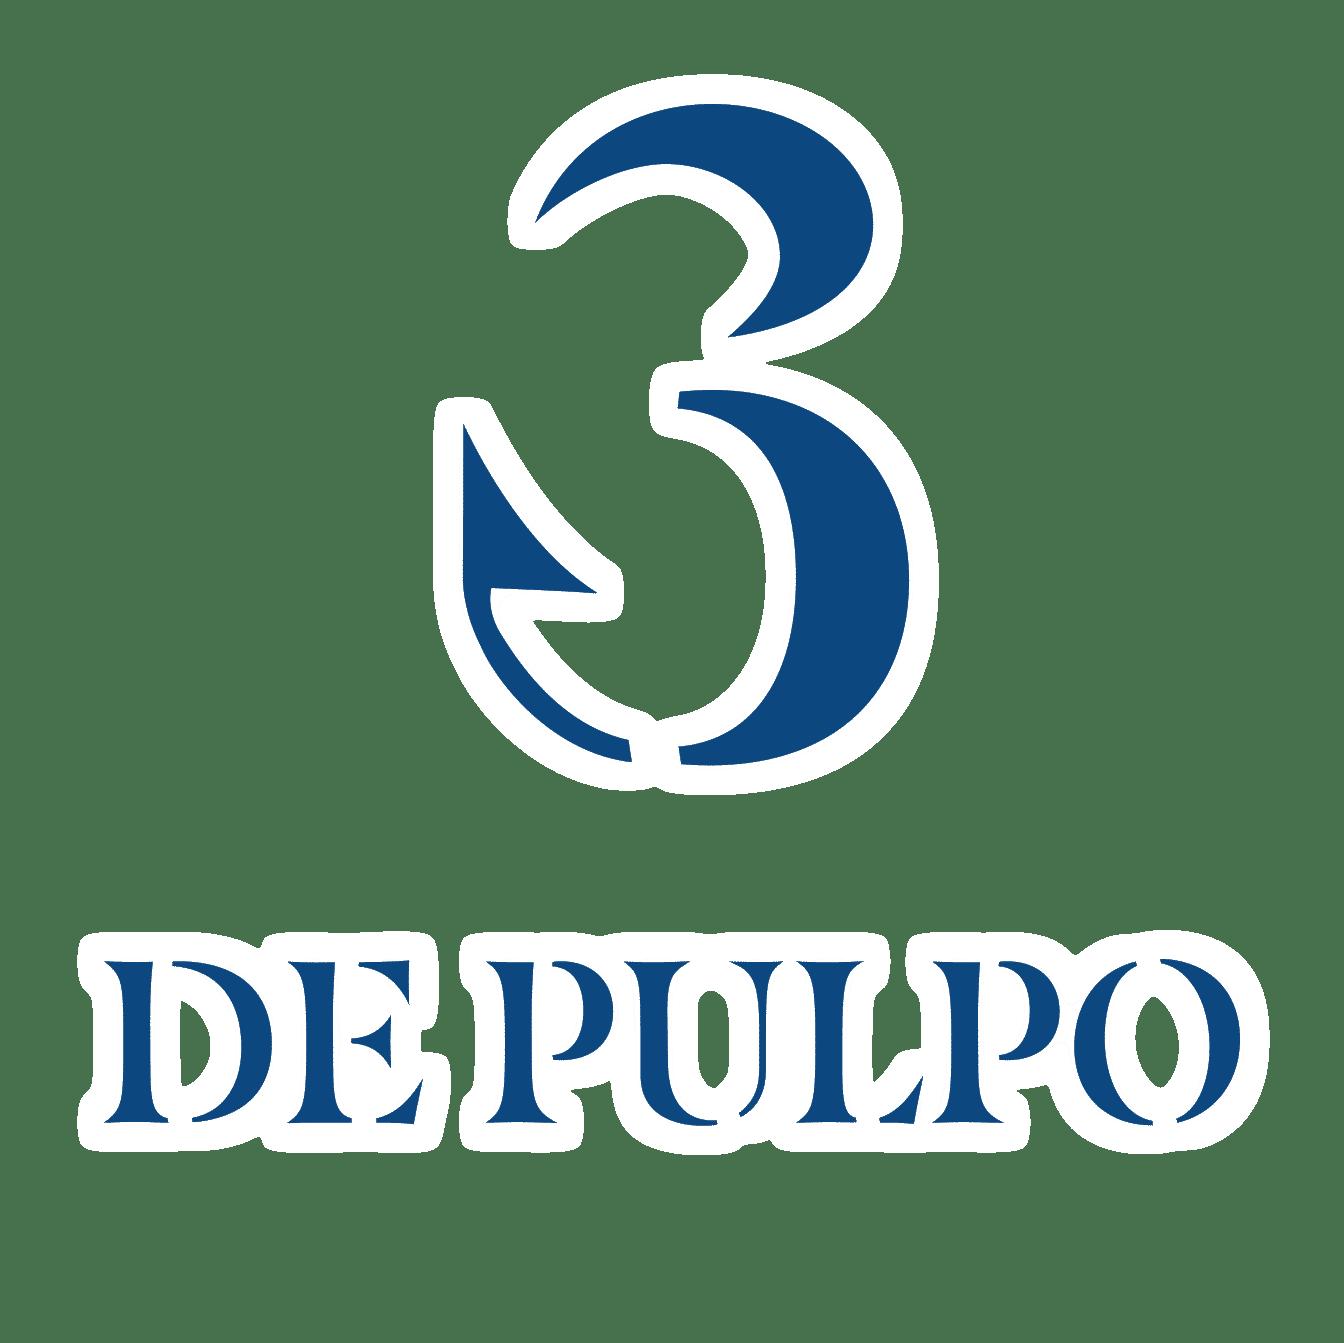 3 de Pulpo